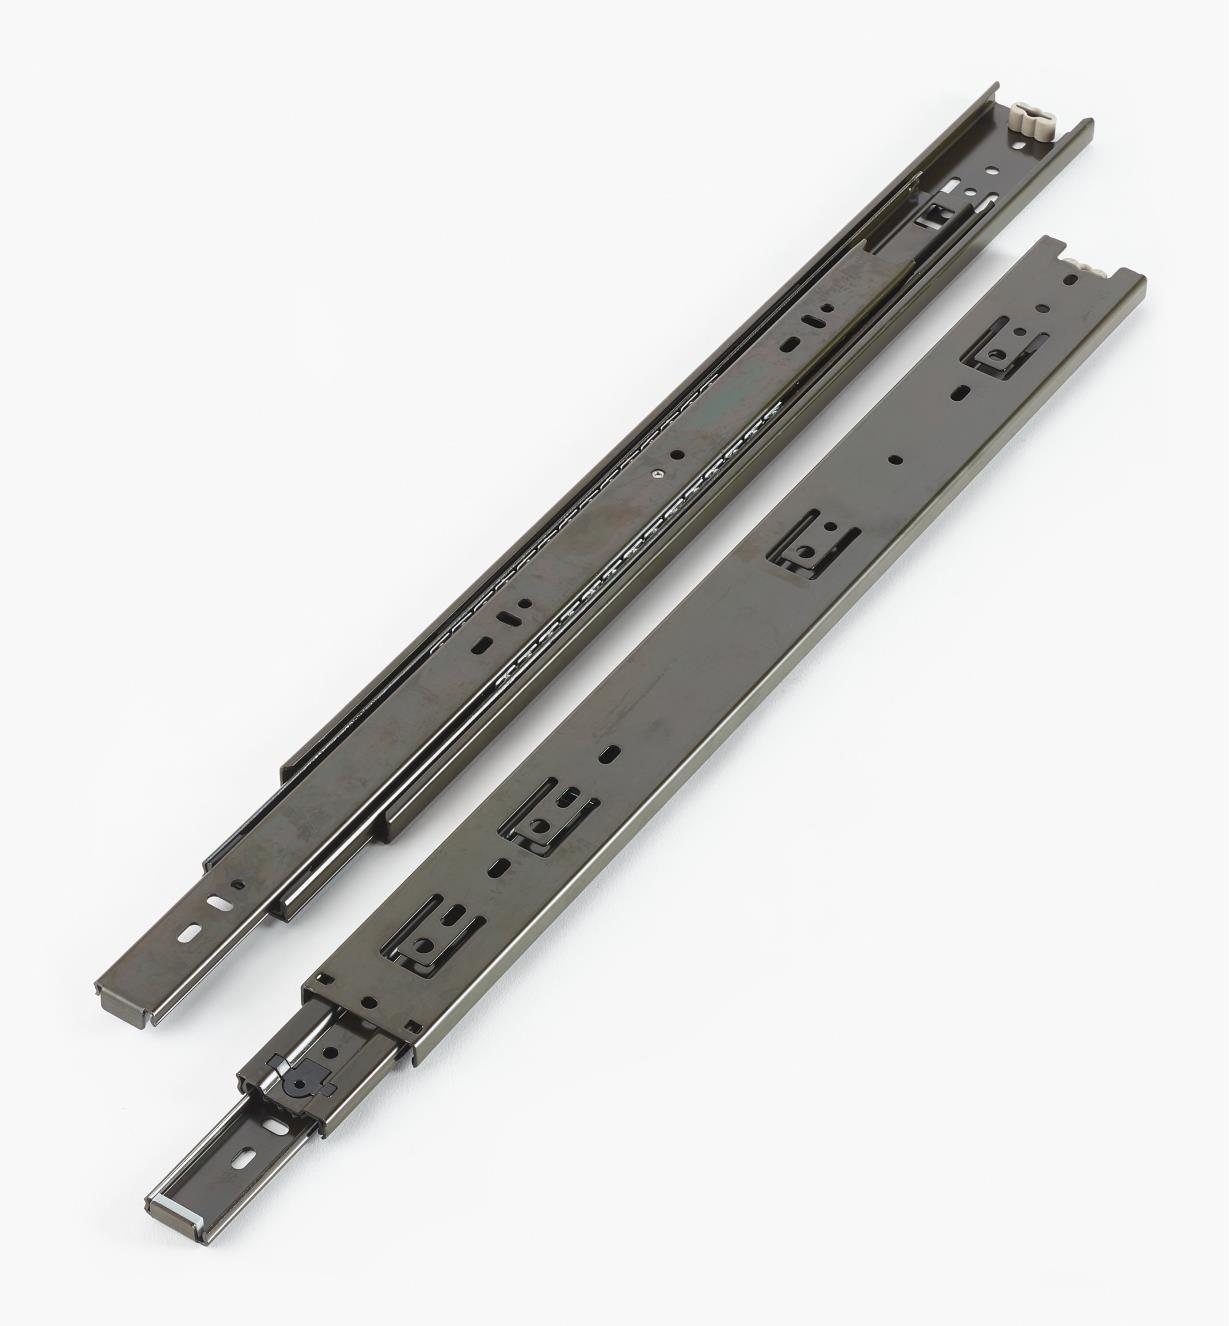 02K3618 - Coulisses de 18po à extension complète pour charge de 100lb, fini noir, la paire